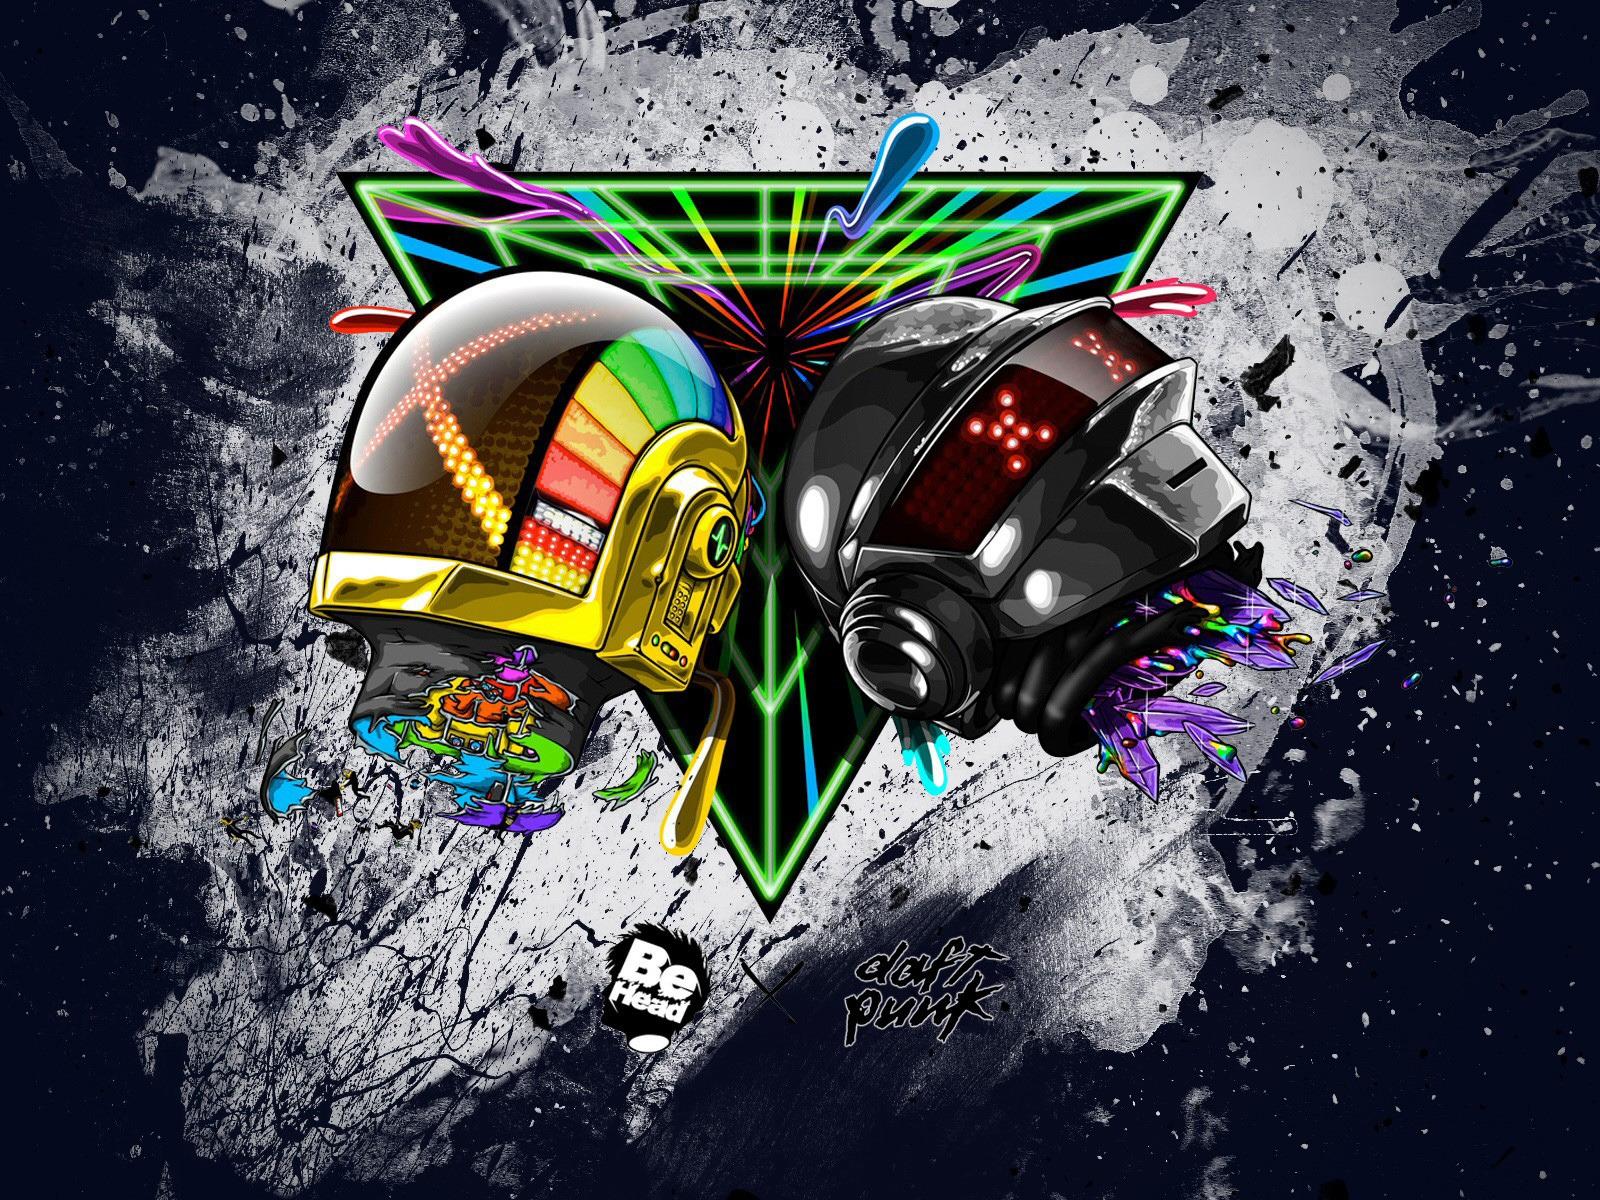 Daft Punk Artistic Hd Wallpaper Wallpaperfx